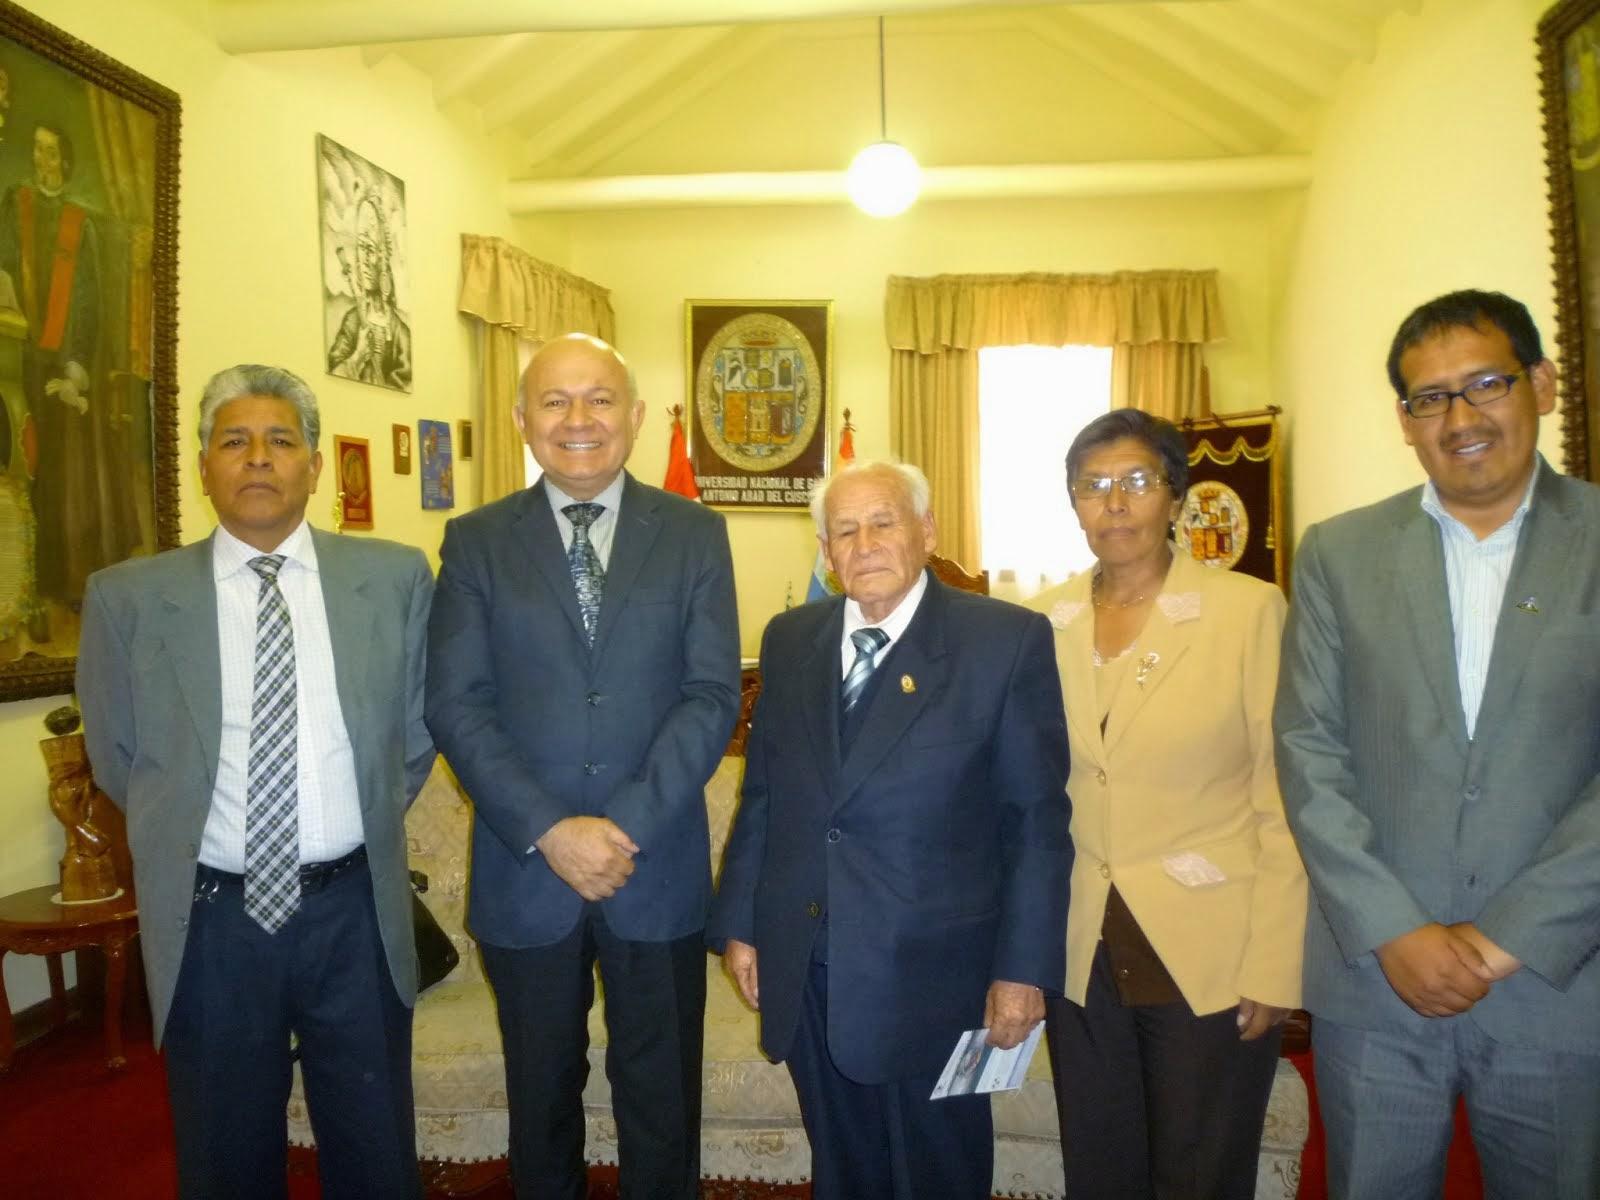 Coordinaciones en el Cusco - Simposio Internacional sobre Educación, Capacitación y GCN